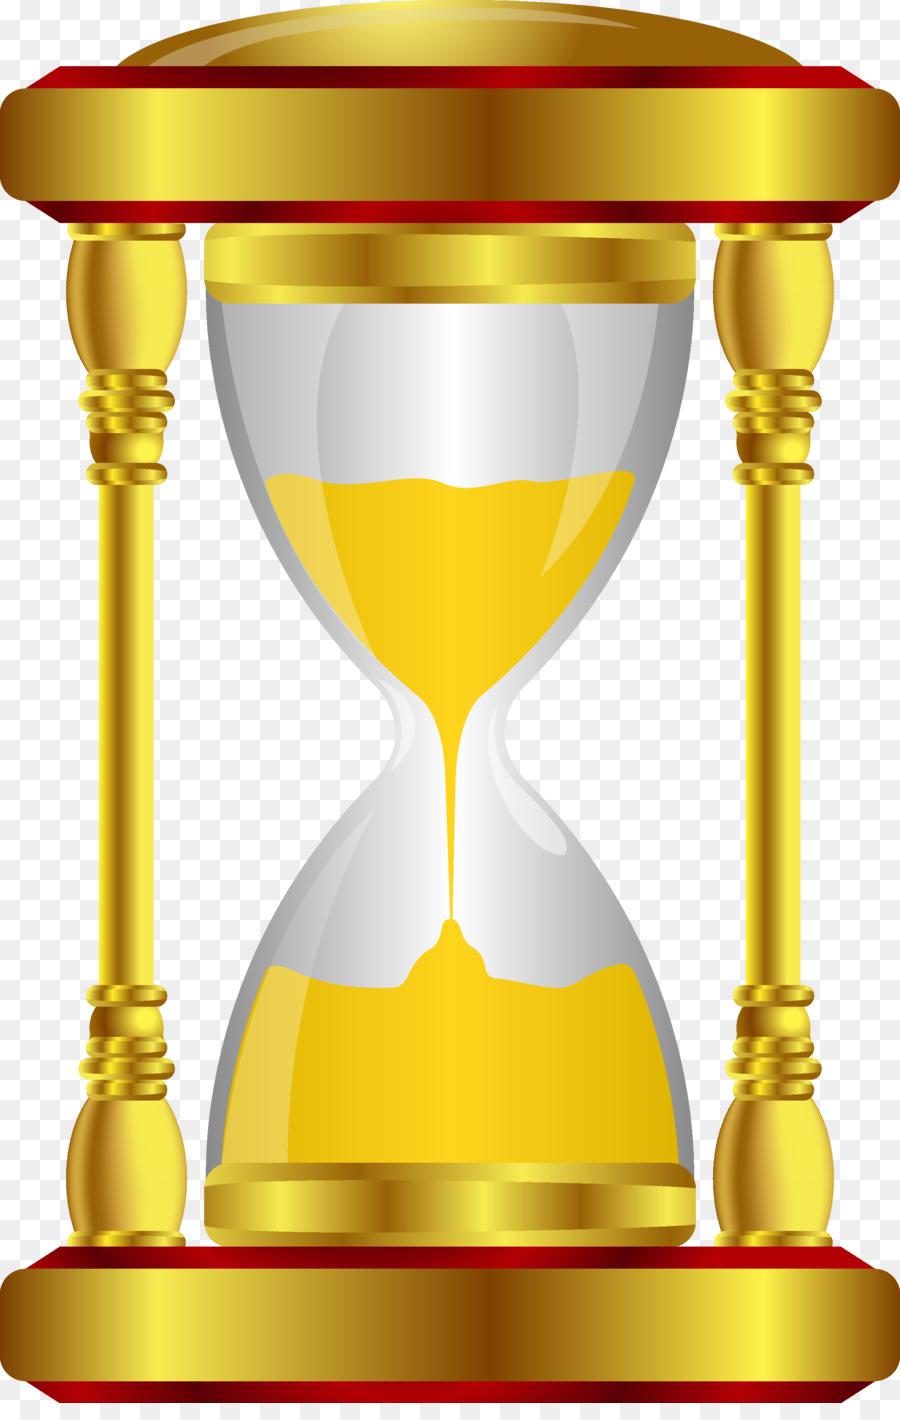 Песочные часы картинки для презентации